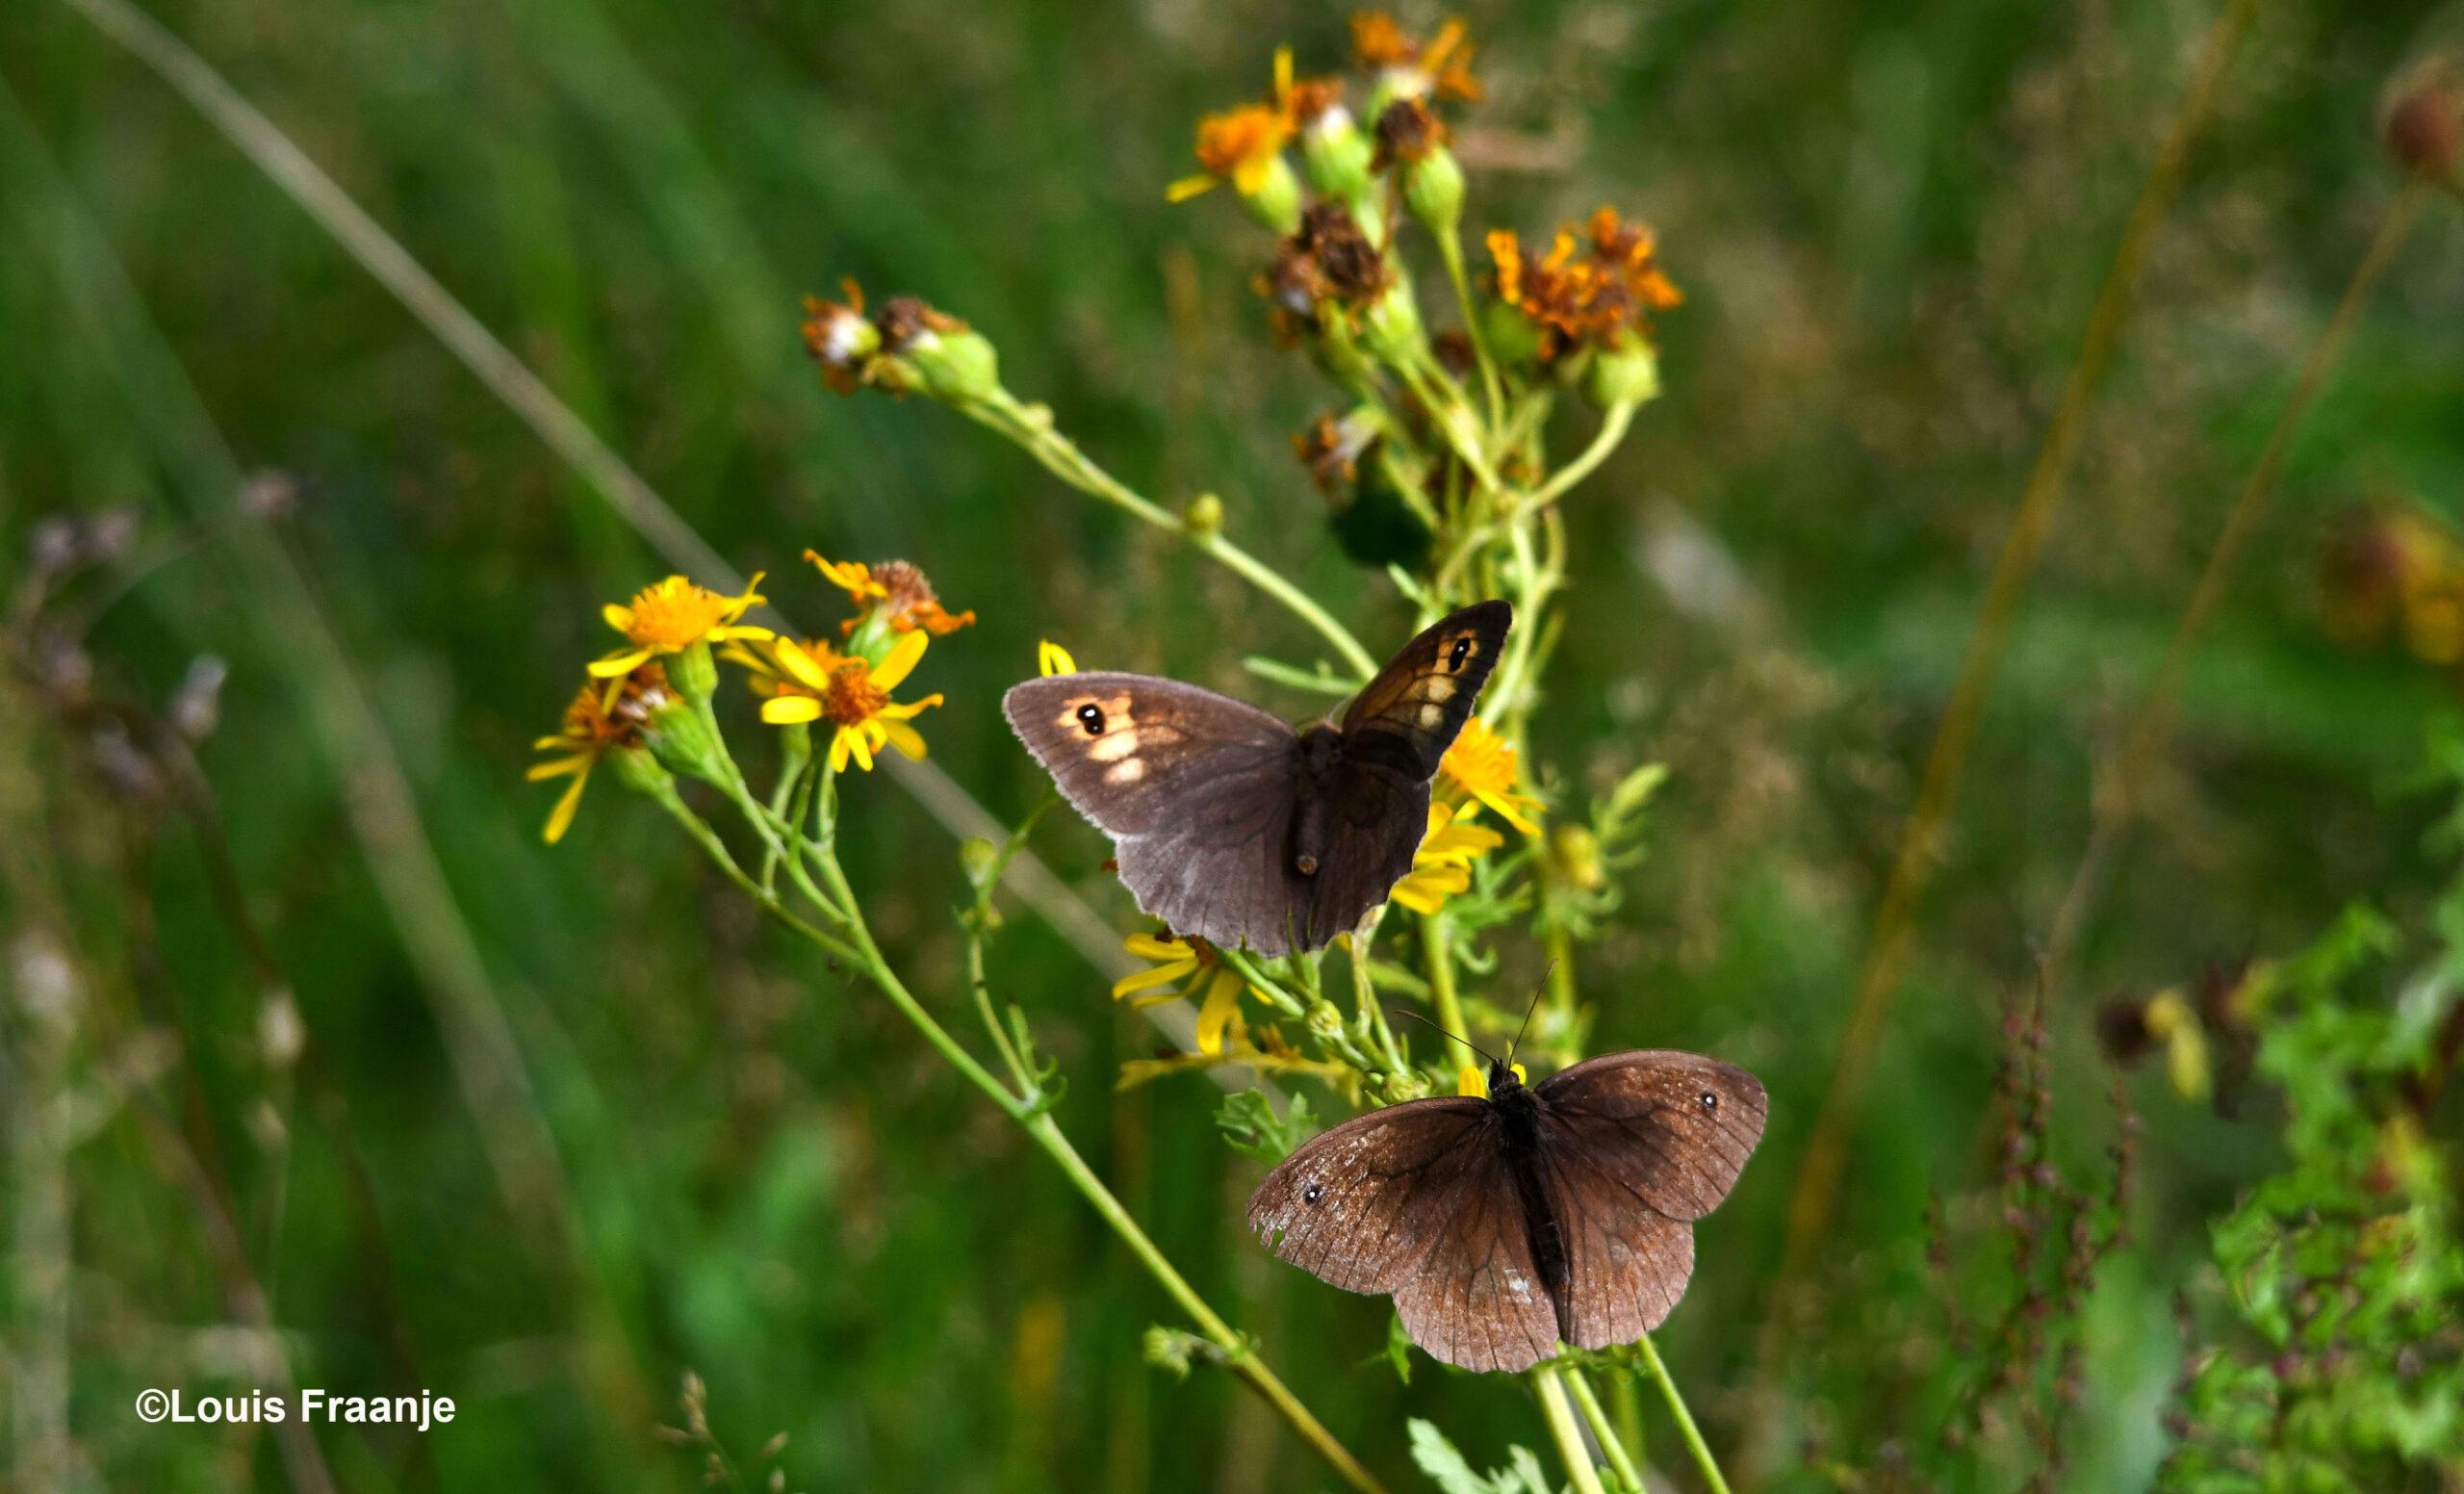 Het vrouwtje(boven) en mannetje(onder) van het bruin zandoogje - Foto: ©Louis Fraanje